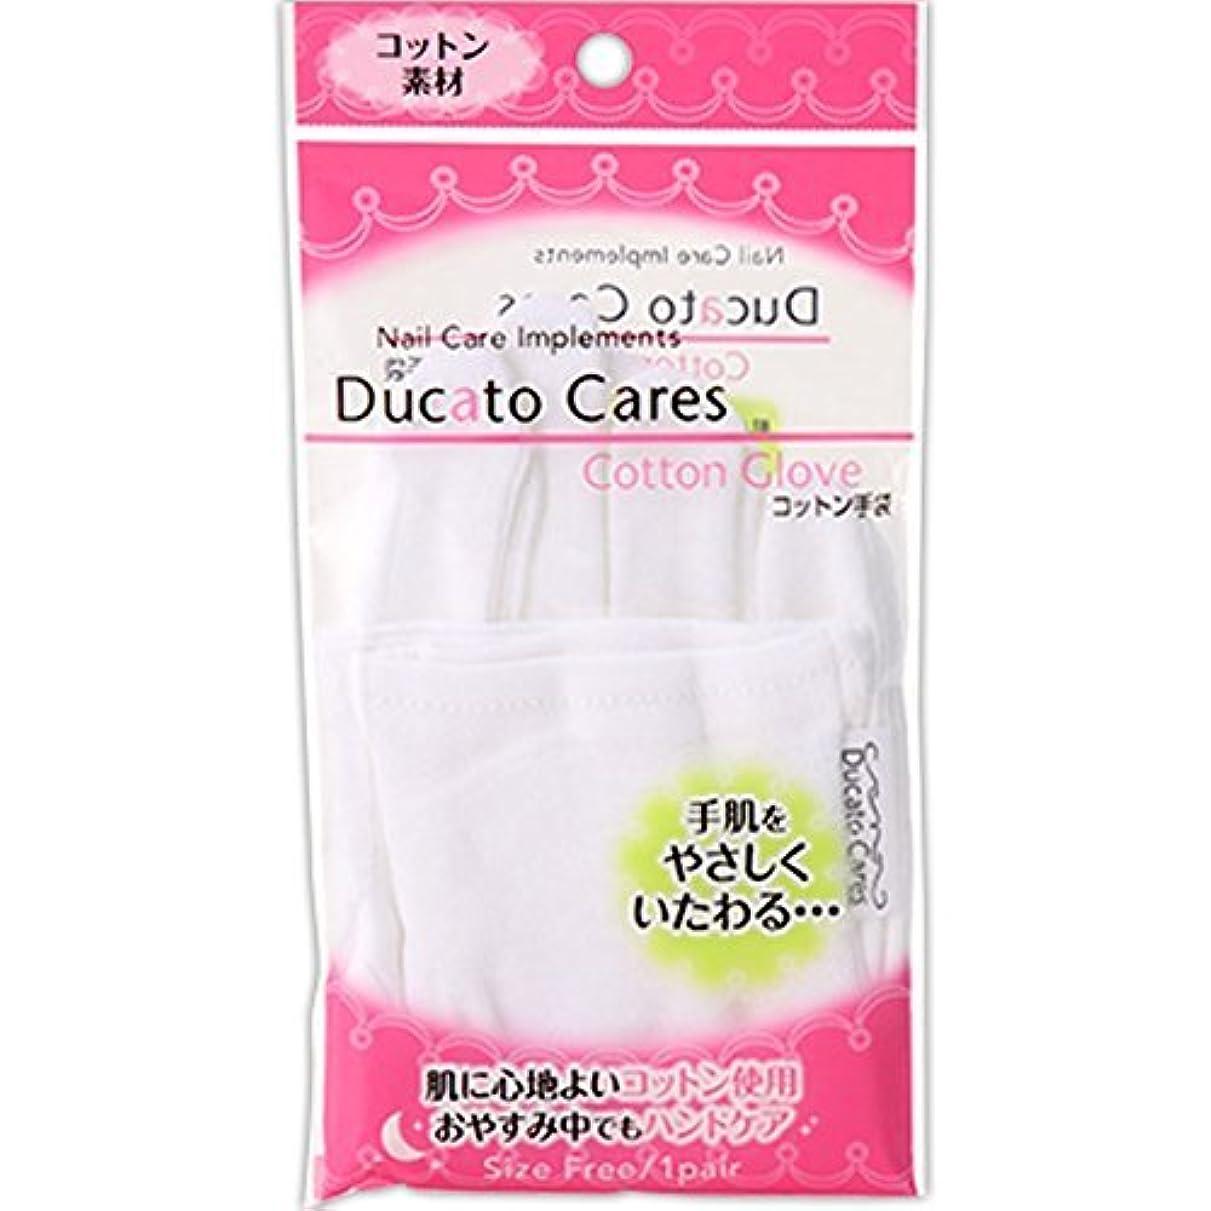 有用とらえどころのないピンクデュカート コットン手袋